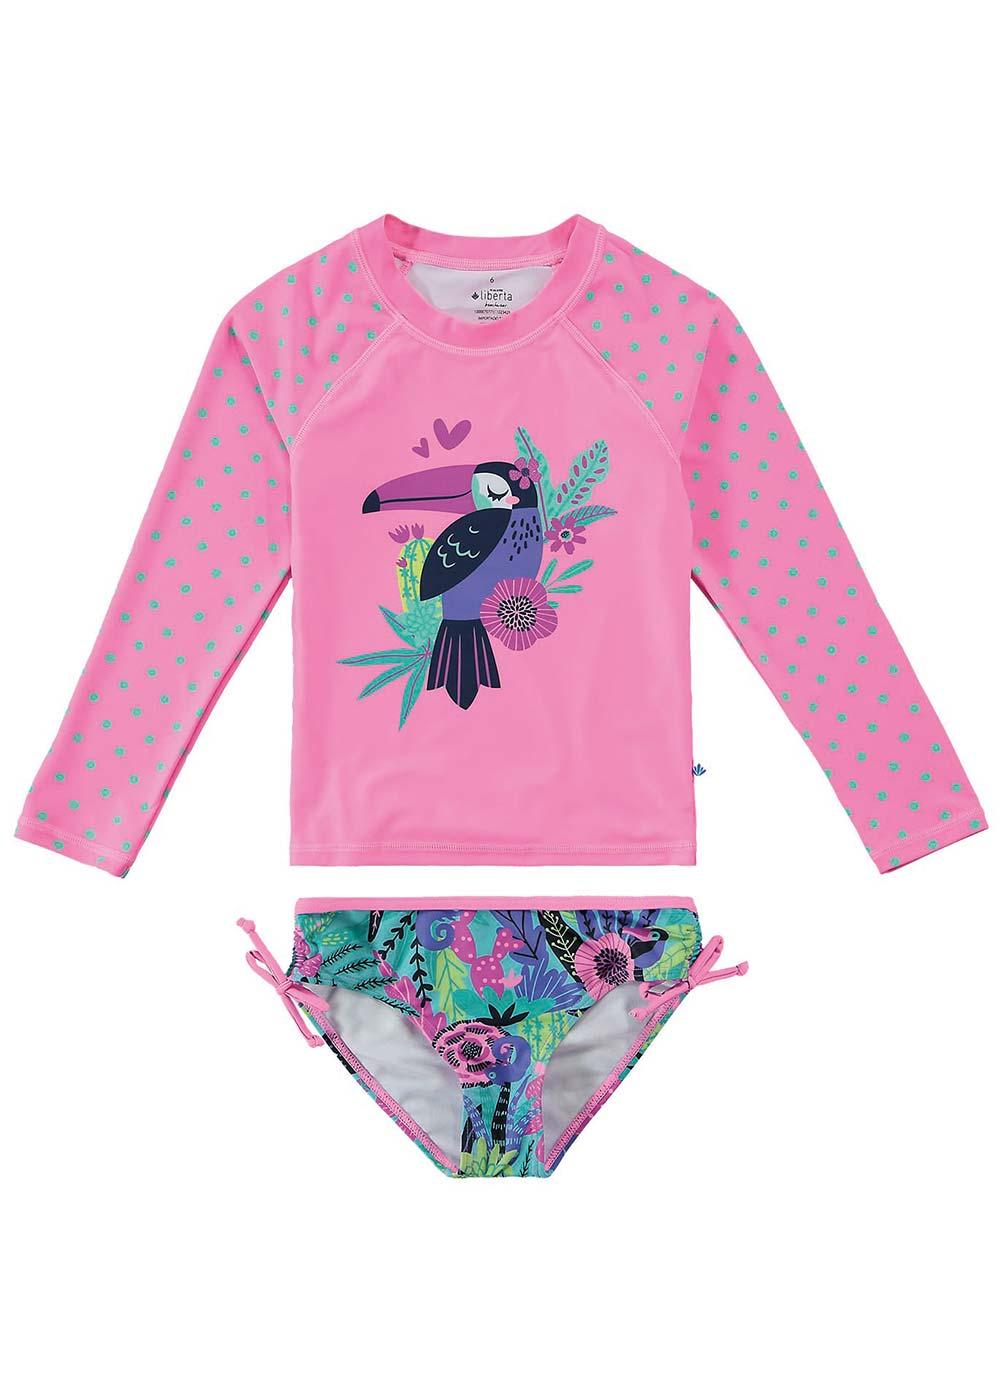 Biquini Infantil Proteção UV 50+ Rosa Tucano - Malwee